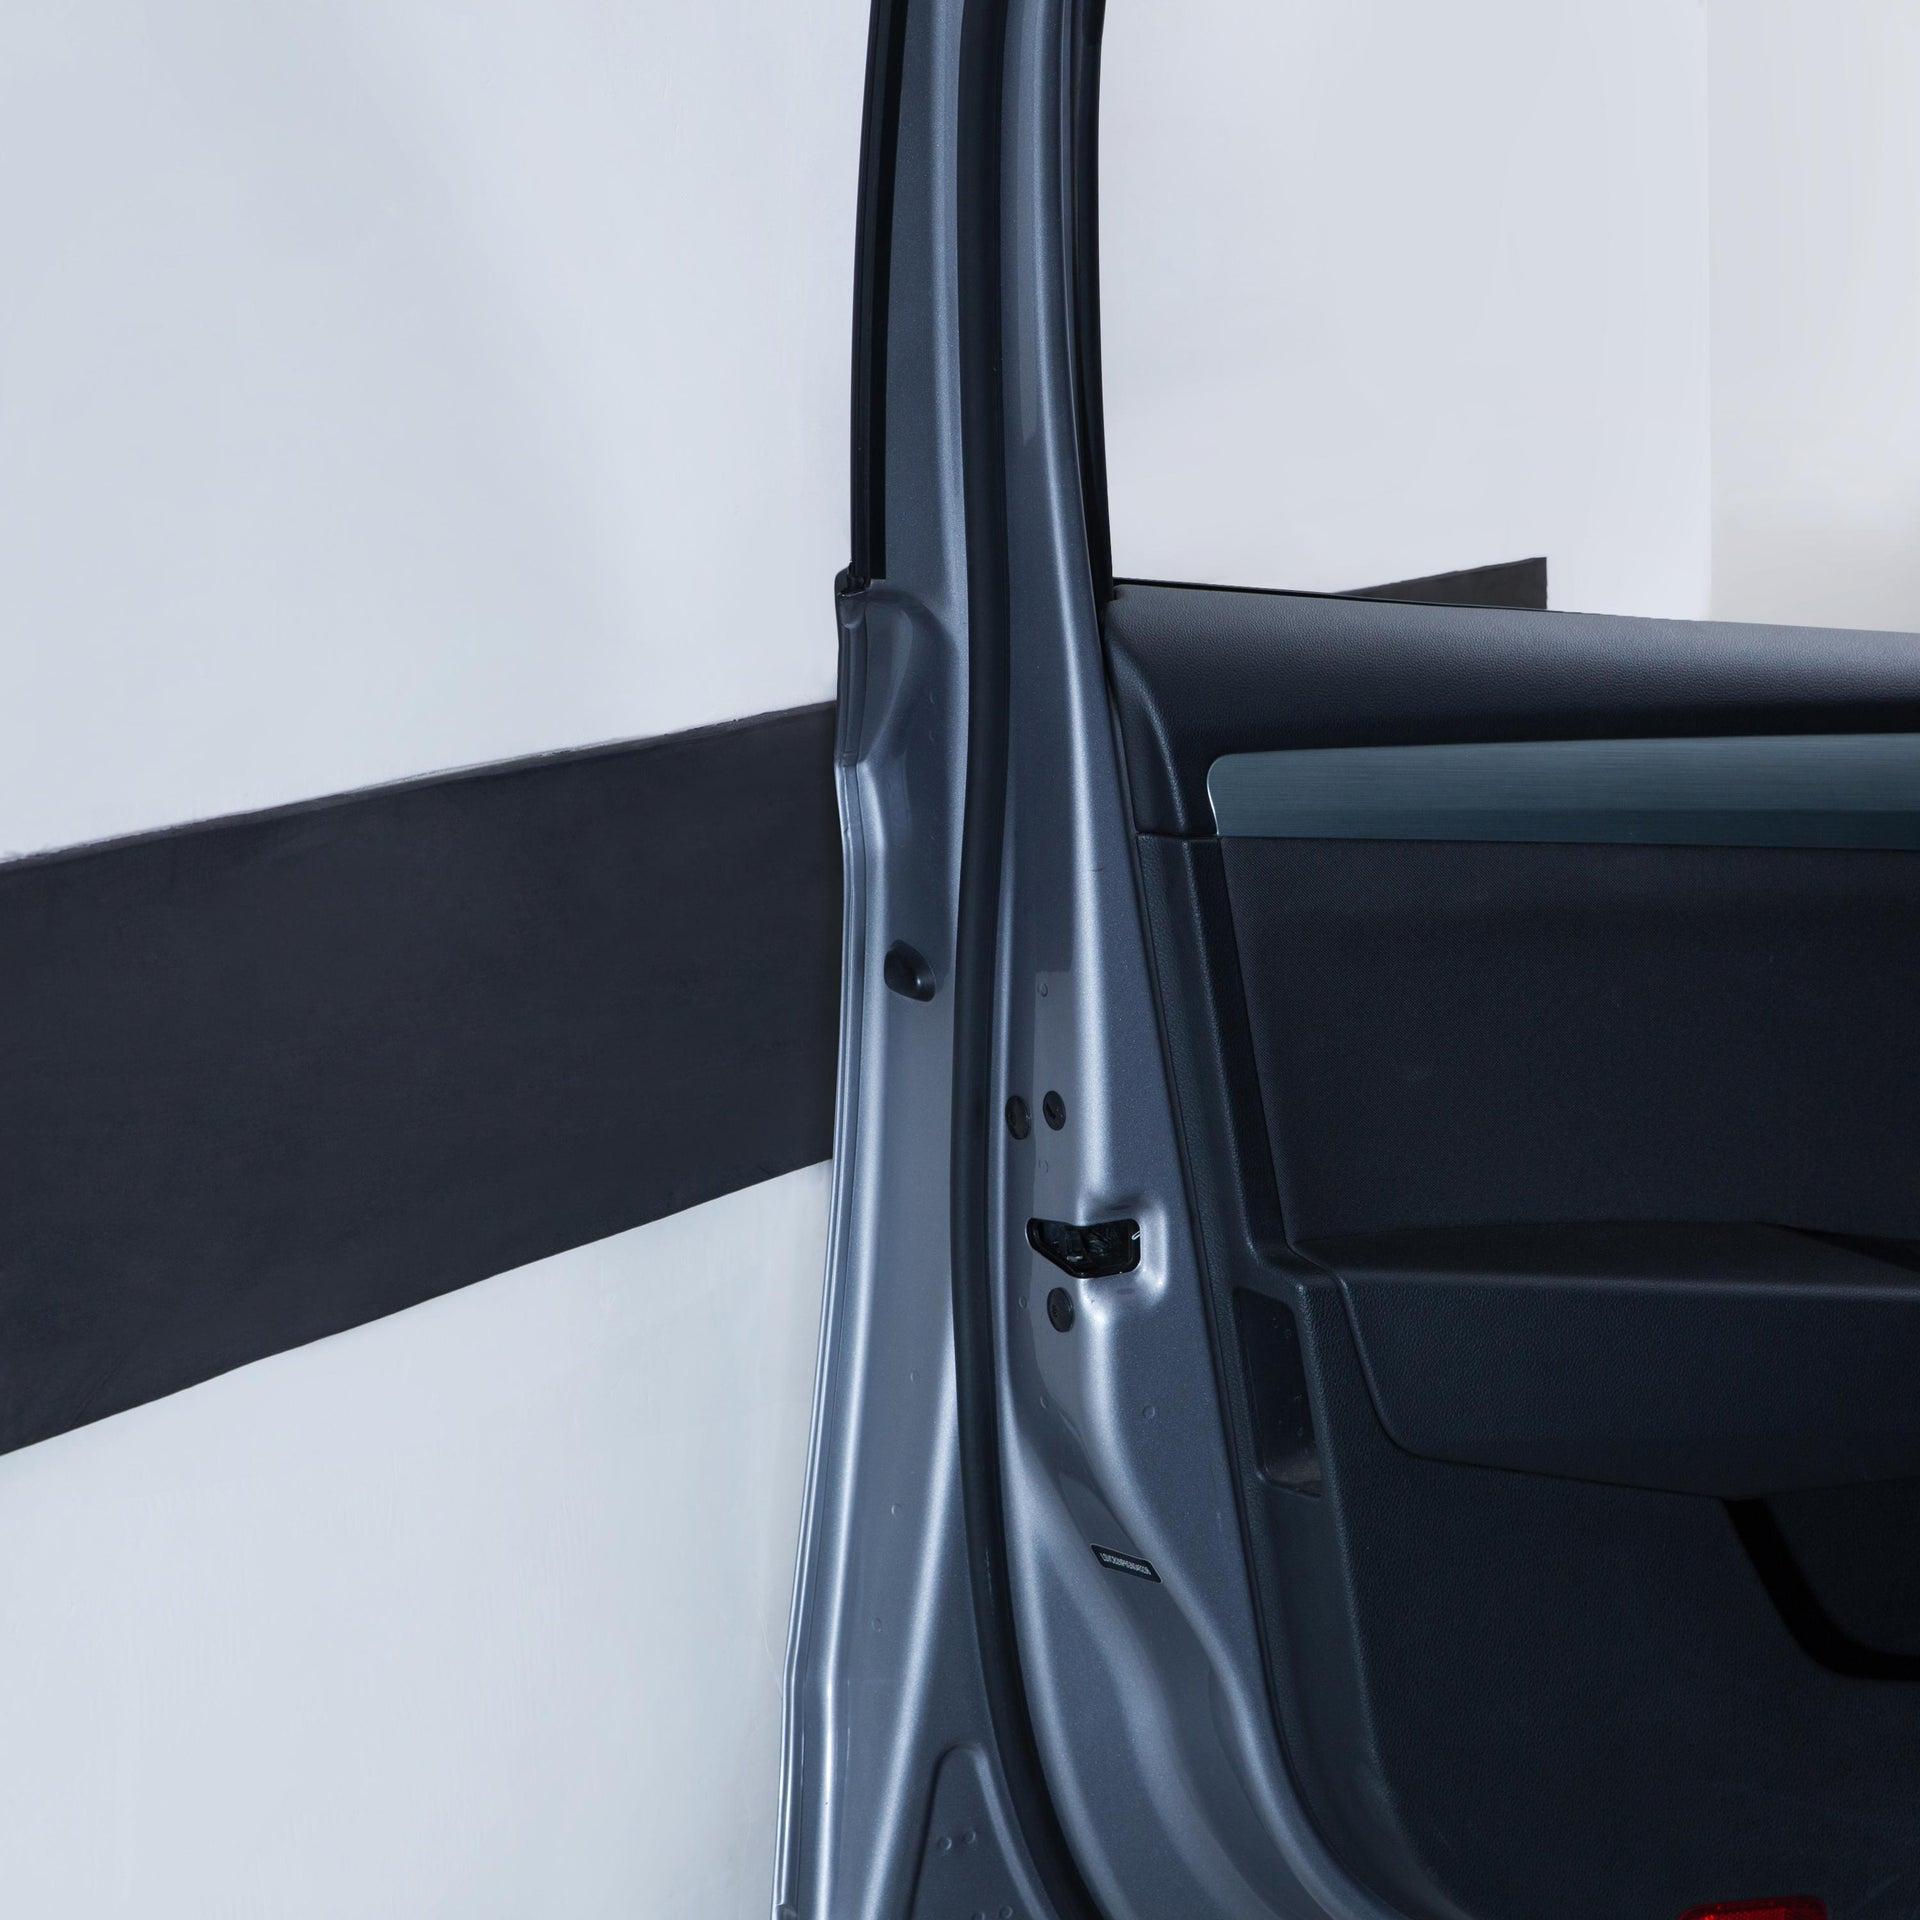 Protezione per garage in polietilene L 200 x H 200 cm nero - 9